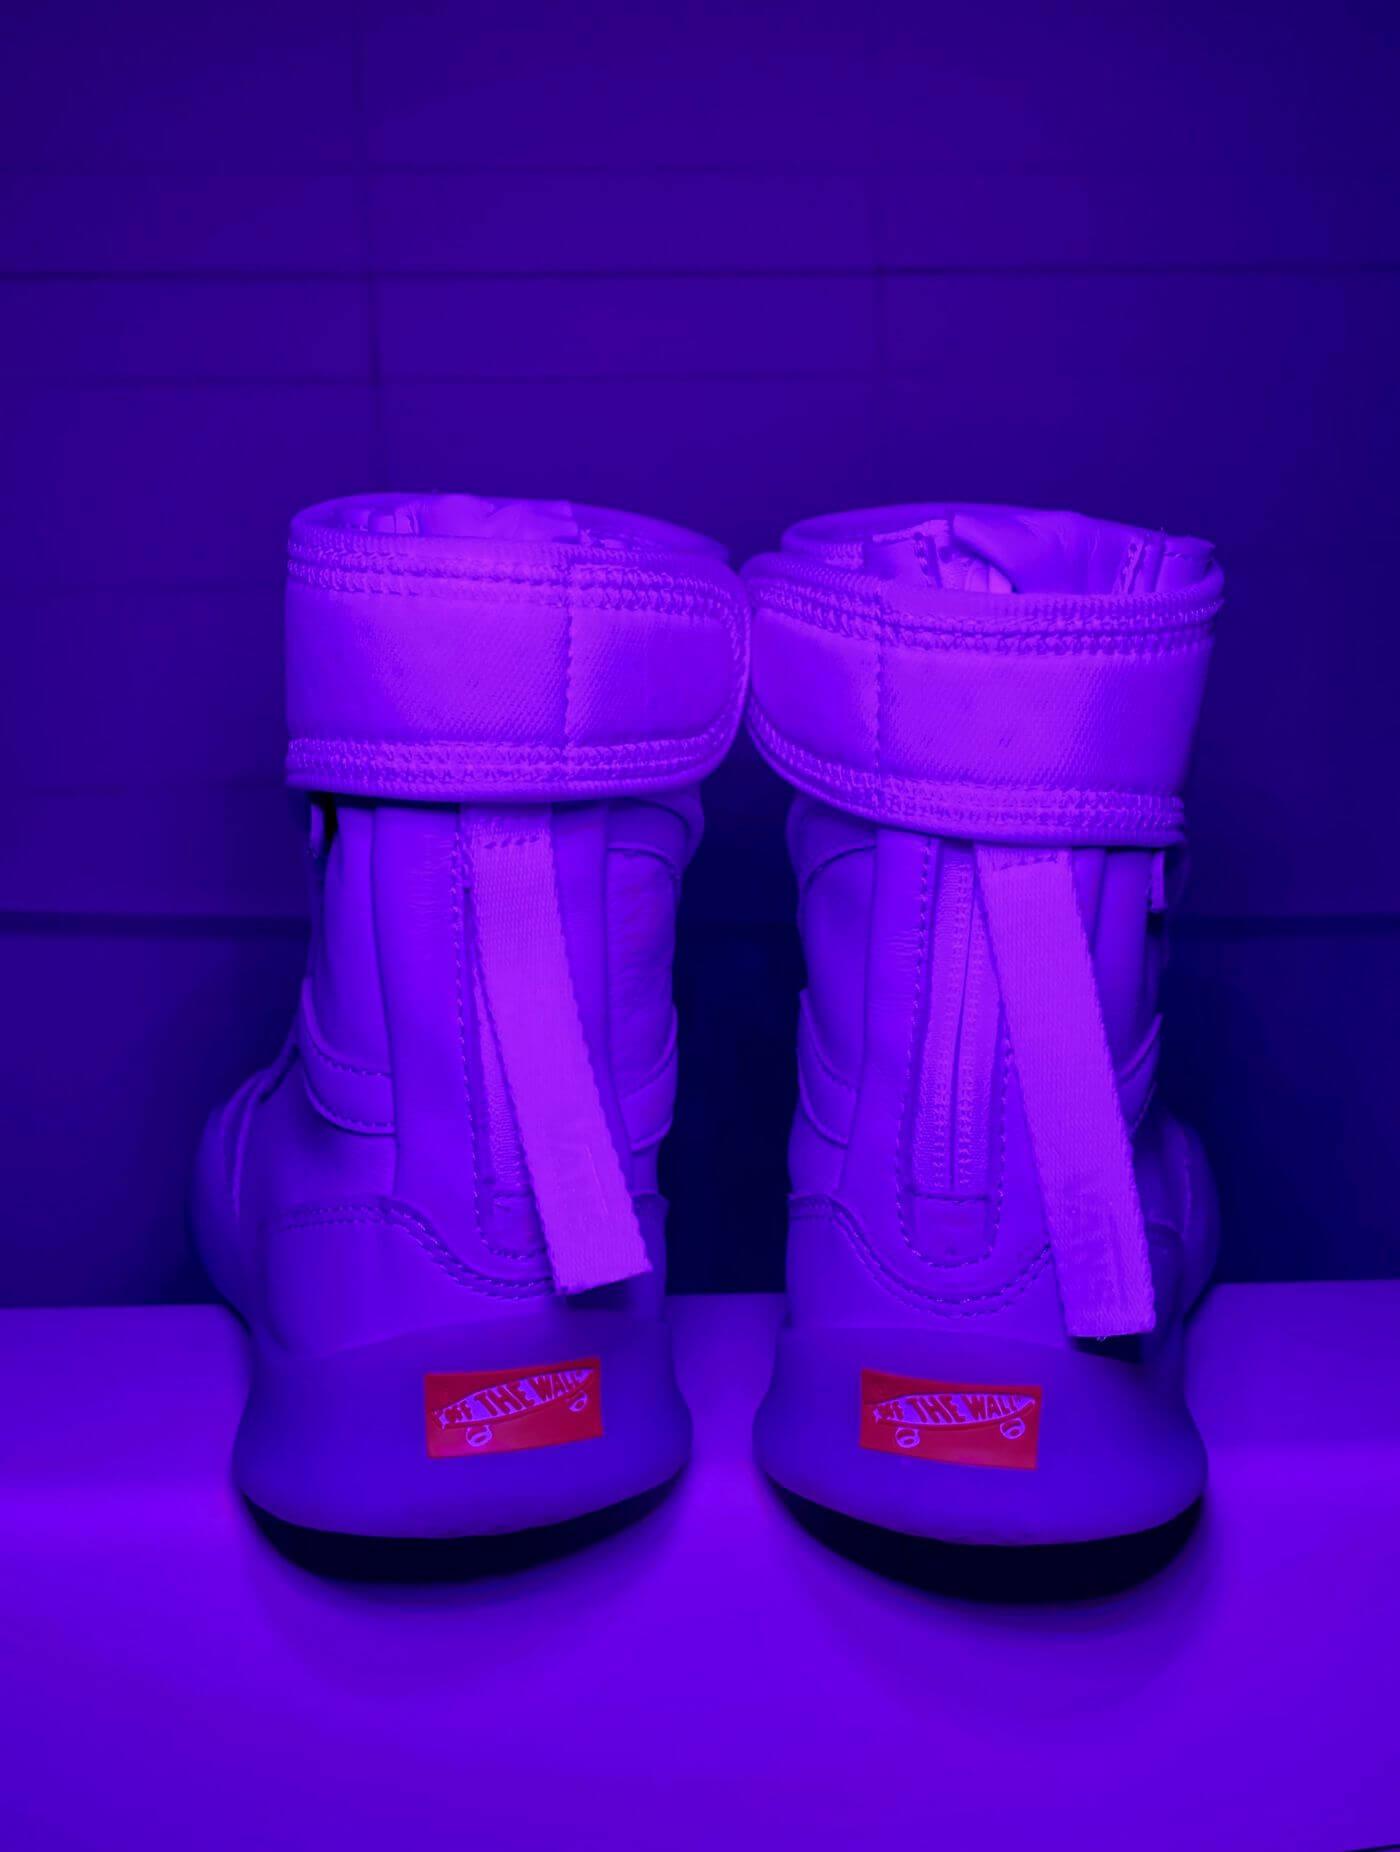 Vault by Vans - Boot Skoot LX - sneaker release